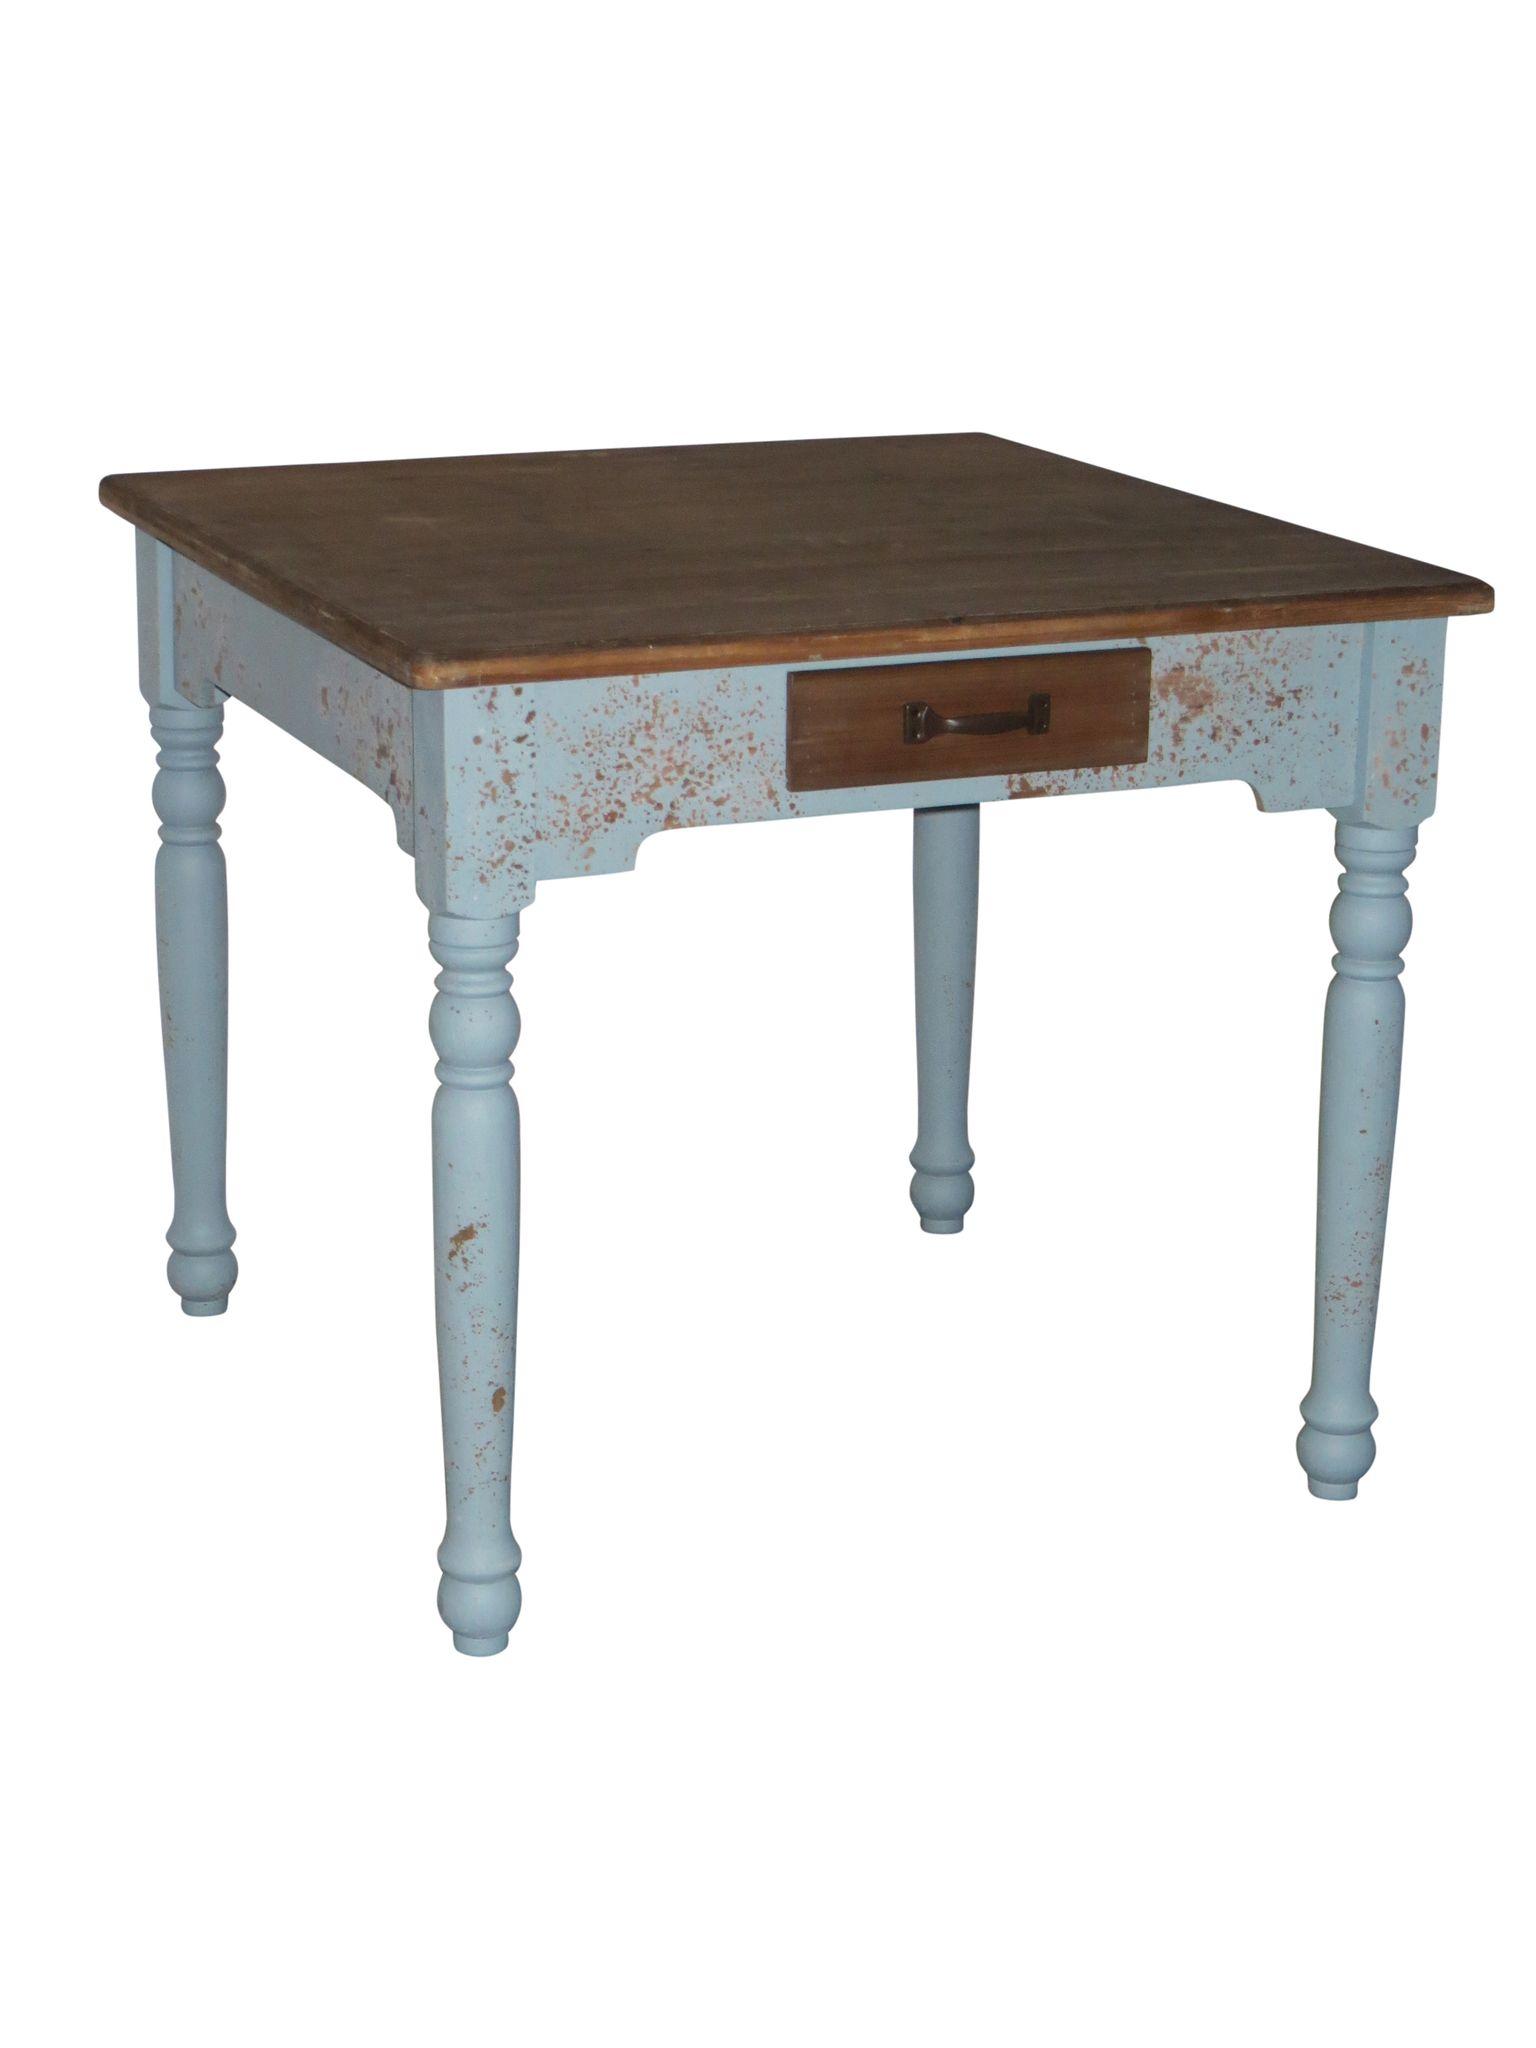 tisch antik aus holz 90x90cm g nstige landhausm bel. Black Bedroom Furniture Sets. Home Design Ideas